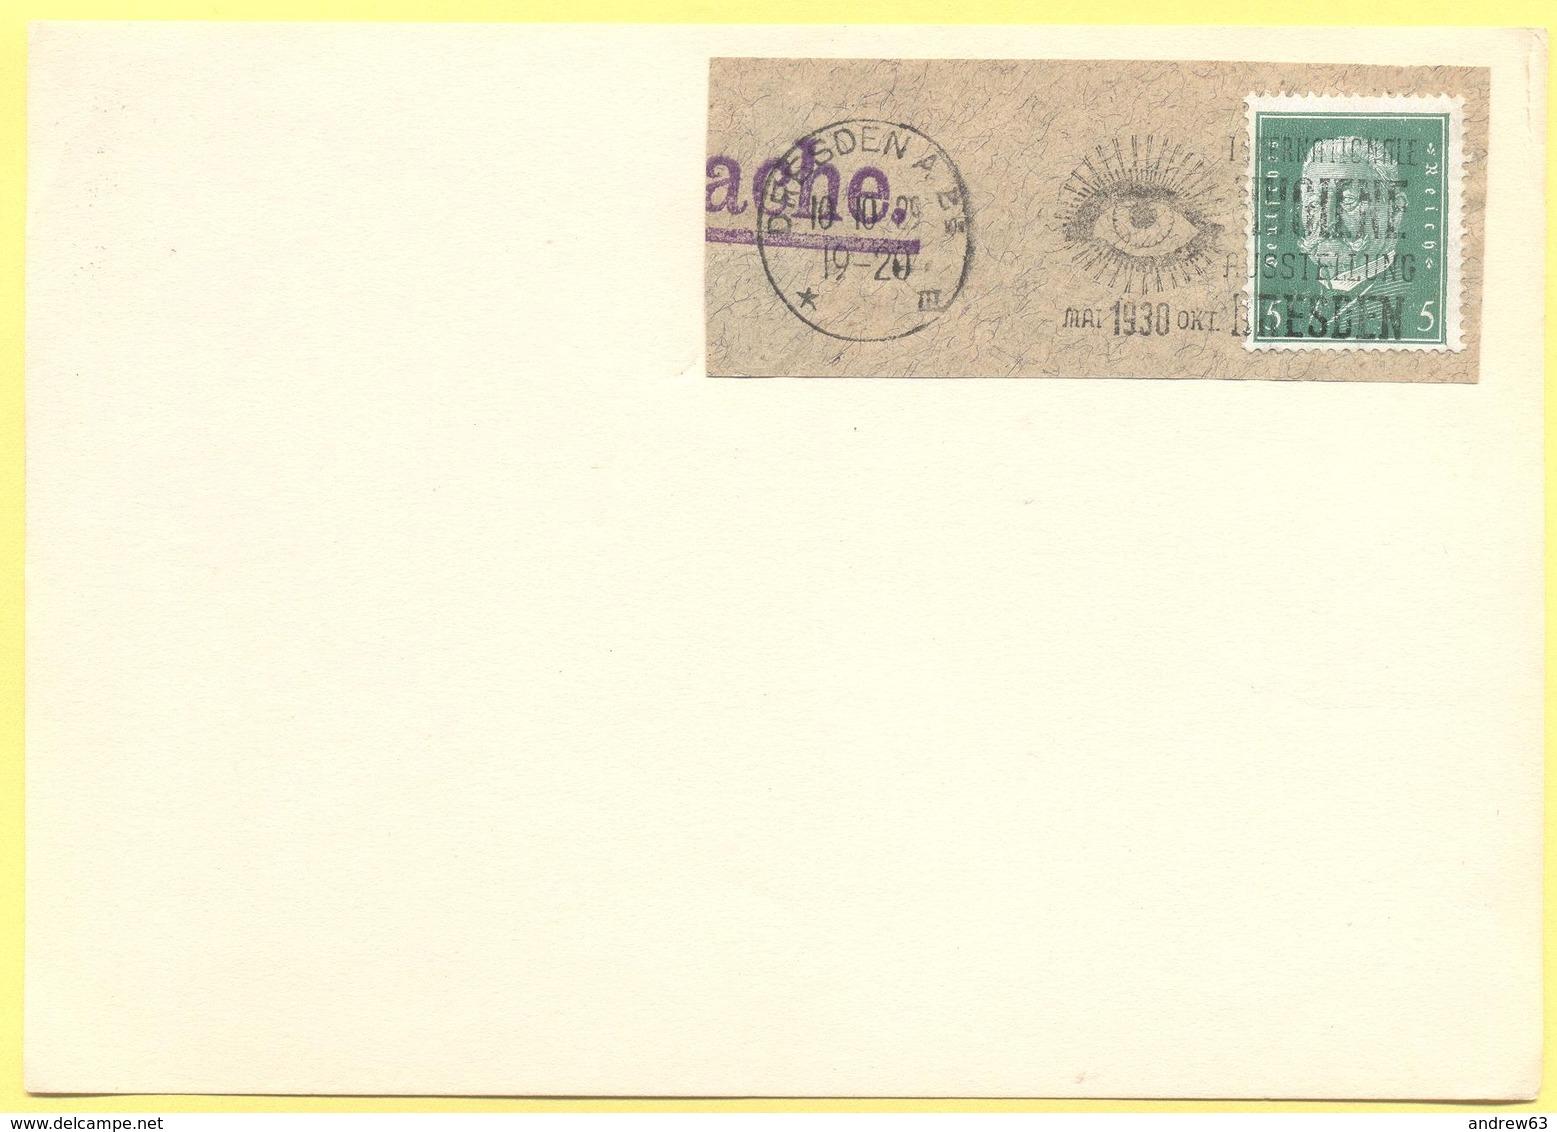 Deutsches Reich - 1929 - 5 + Special Cancel Dresden Internationale Hygiene Ausstellung 1930 - Fragment On Paper - Deutschland